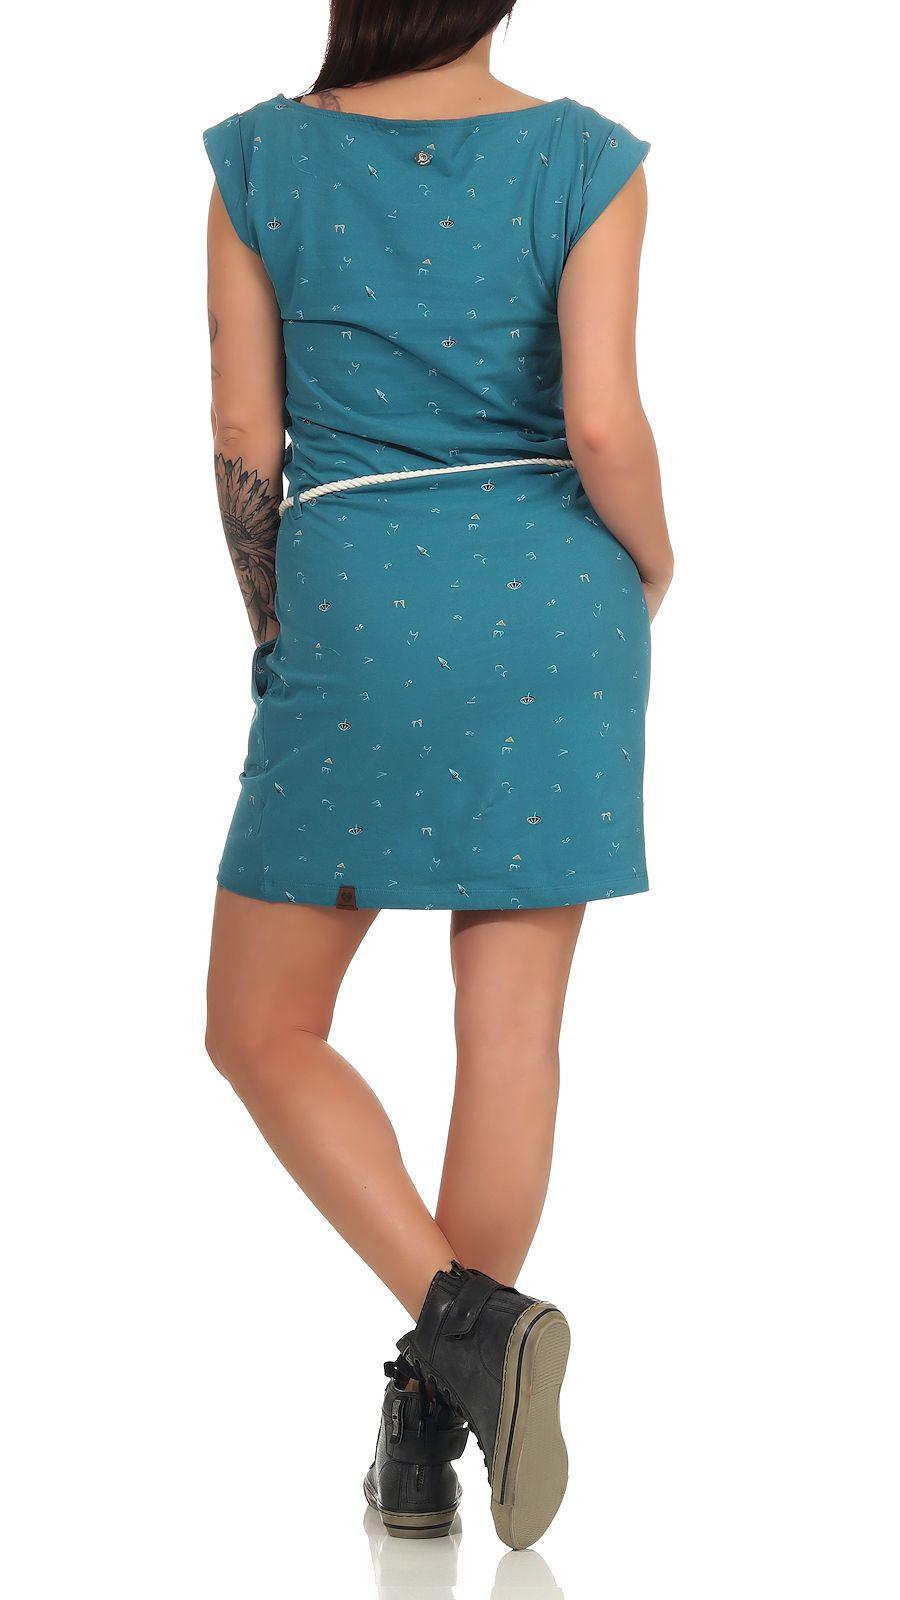 Ragwear Damen Kleid Tag A Organic  Ragwear  Marken  Le